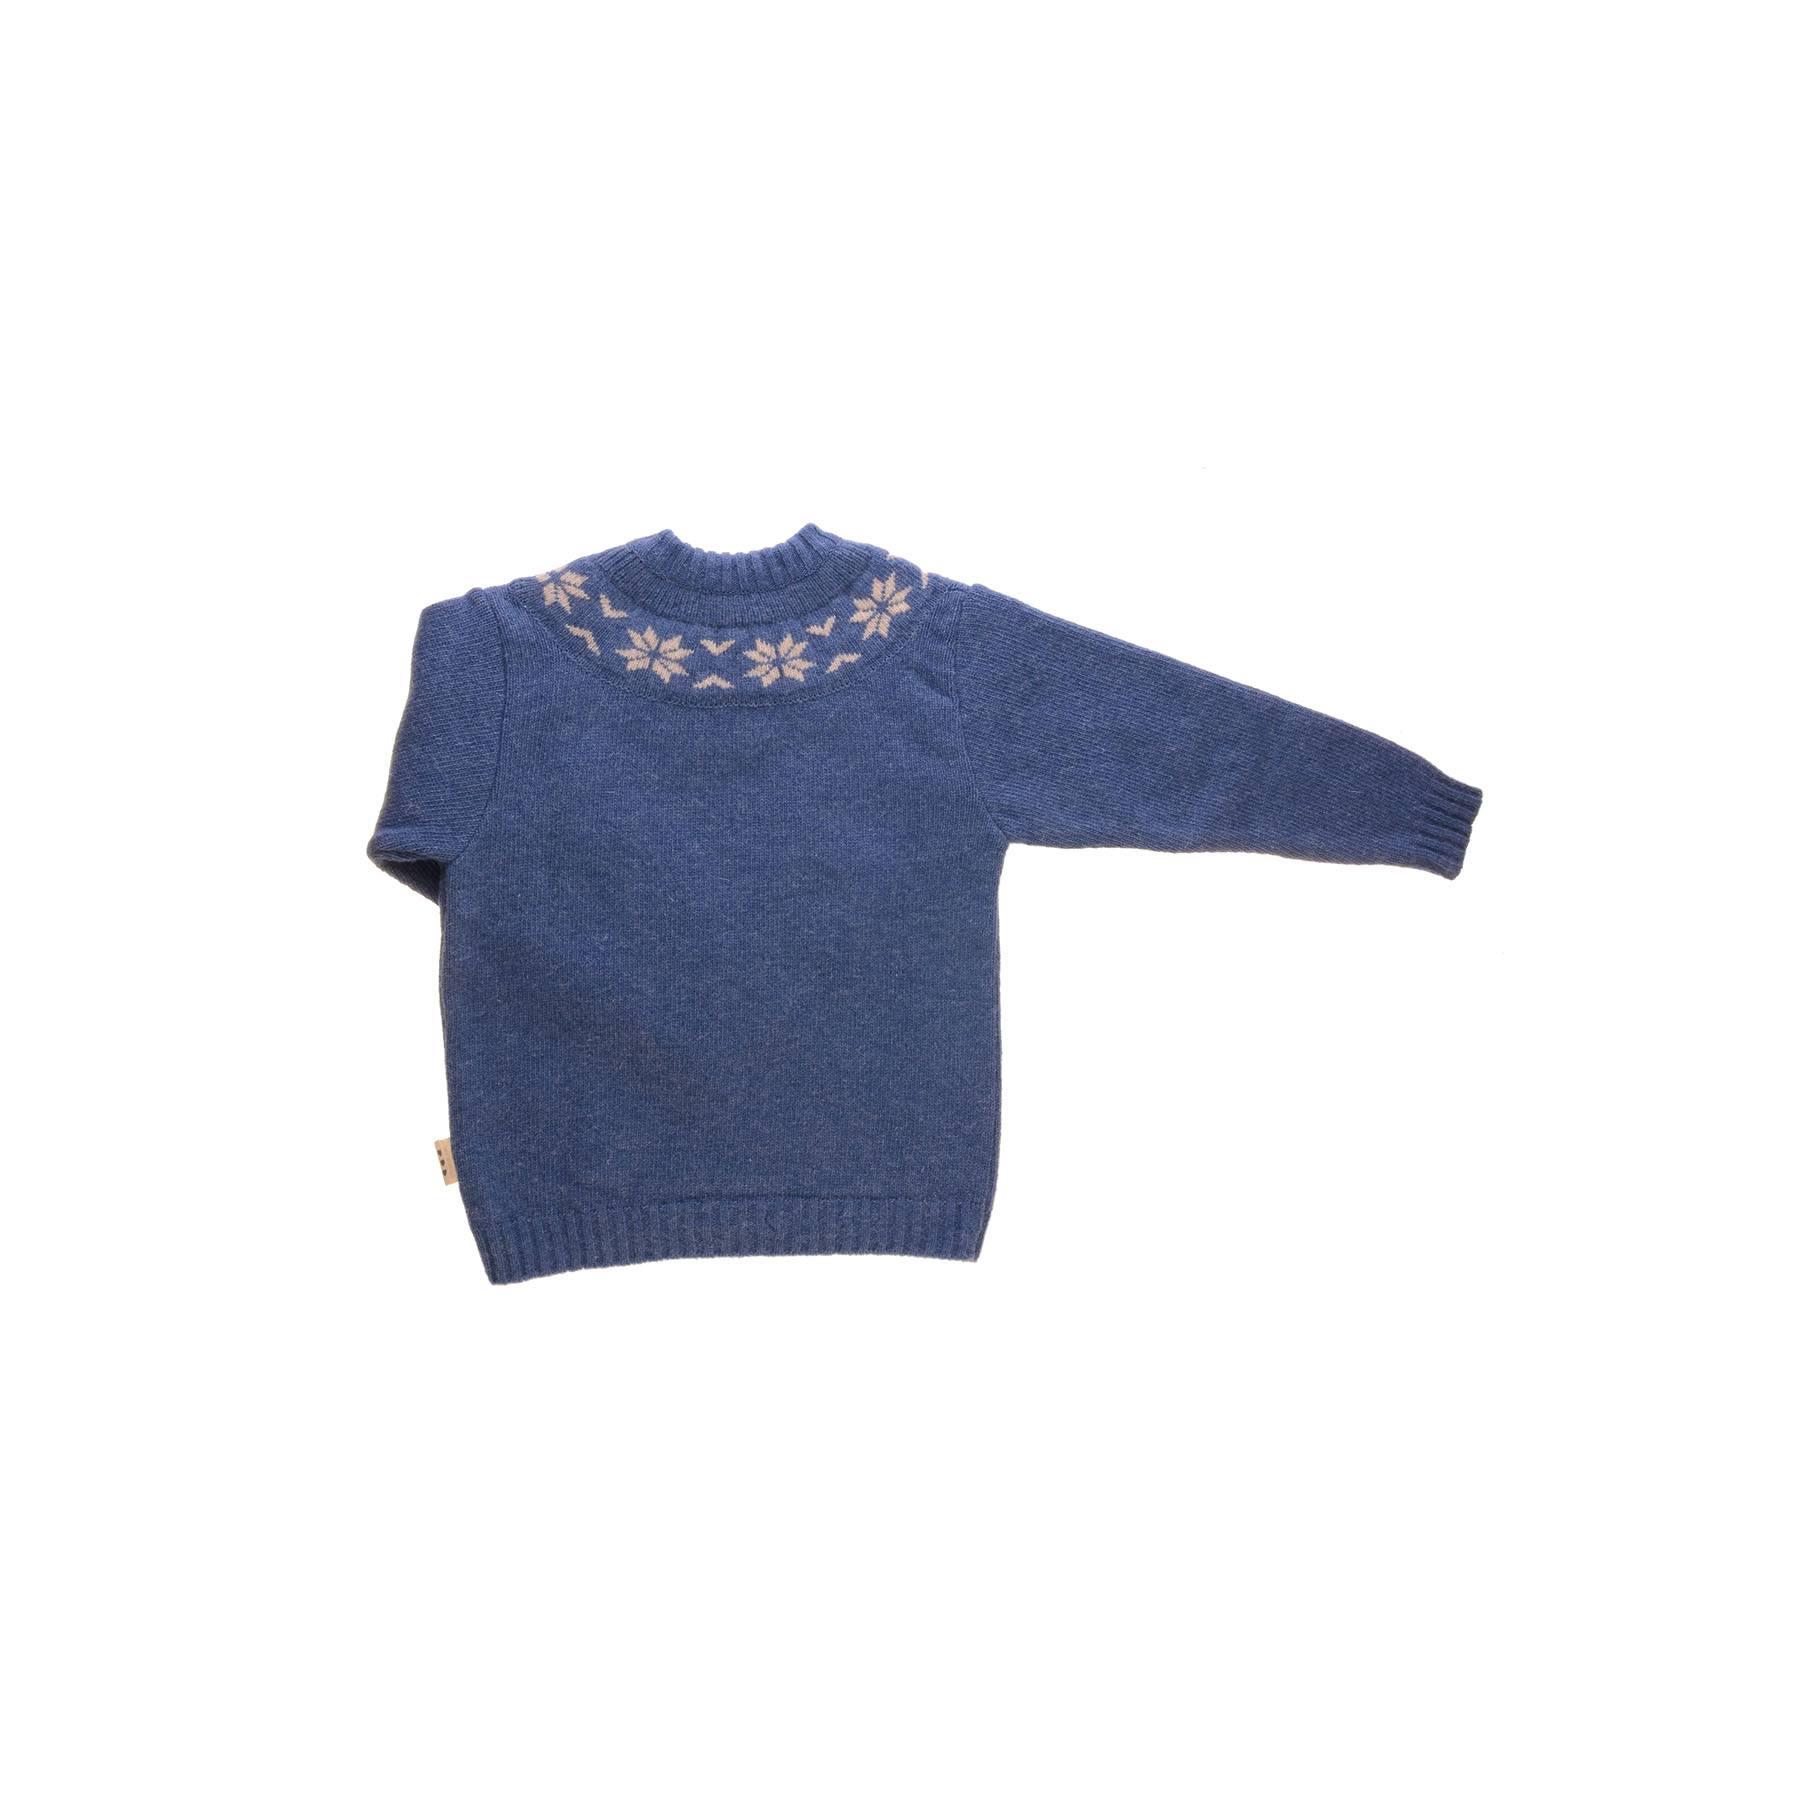 Sweater i uld fra Alerin. Blå sweater med mønster ved hals. Bagsiden